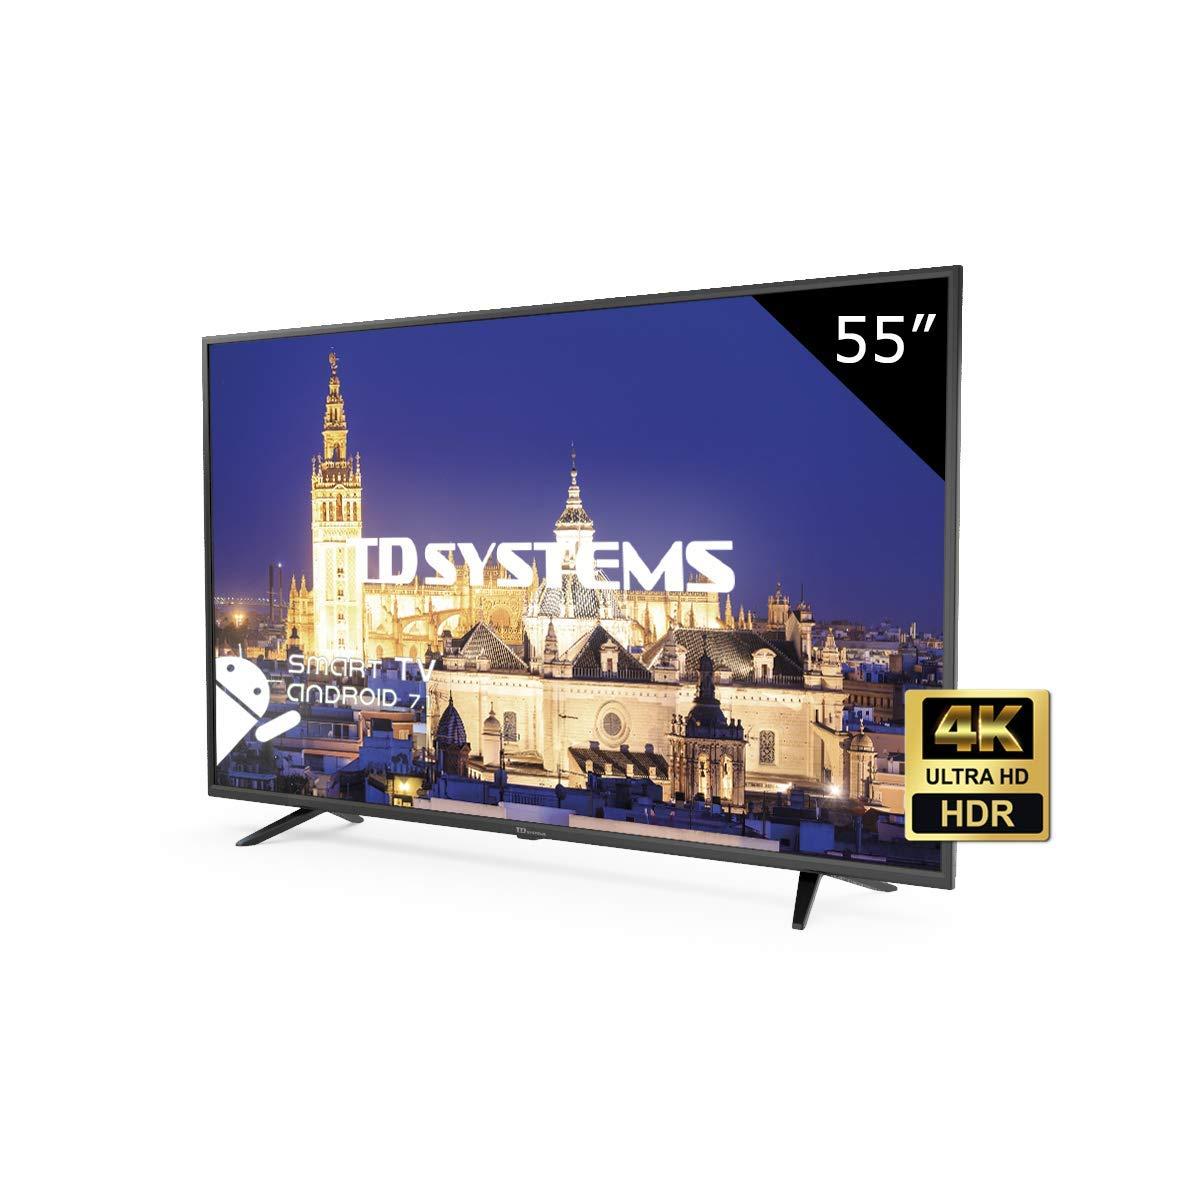 Las 10 mejores TV por menos de 500 euros (Actualizado marzo 2020) 5 tv por menos de 500 euros